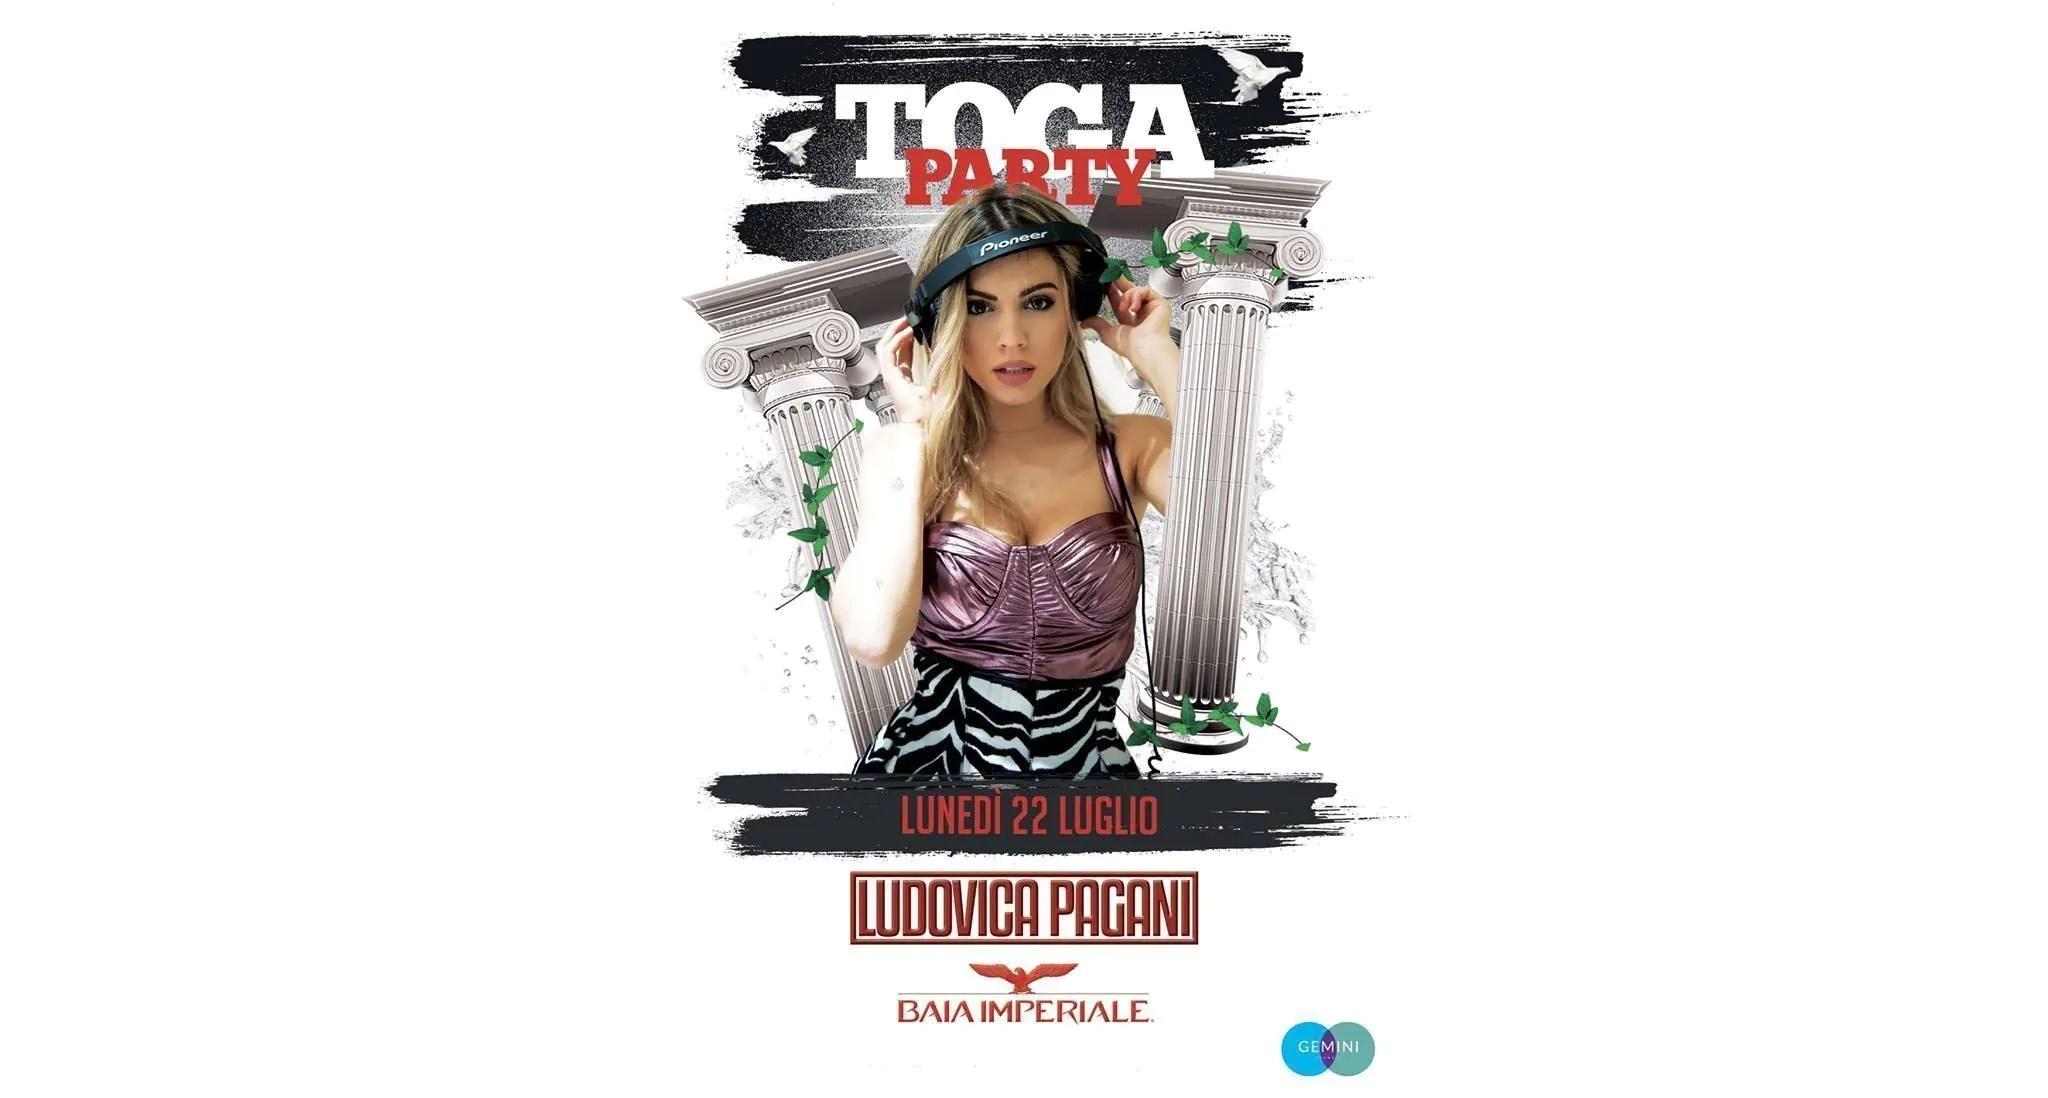 Lunedì 22 07 2019 Baia Imperiale Toga Party + Prezzi Ticket/Biglietti/Prevendite 18APP Tavoli Pacchetti hotel